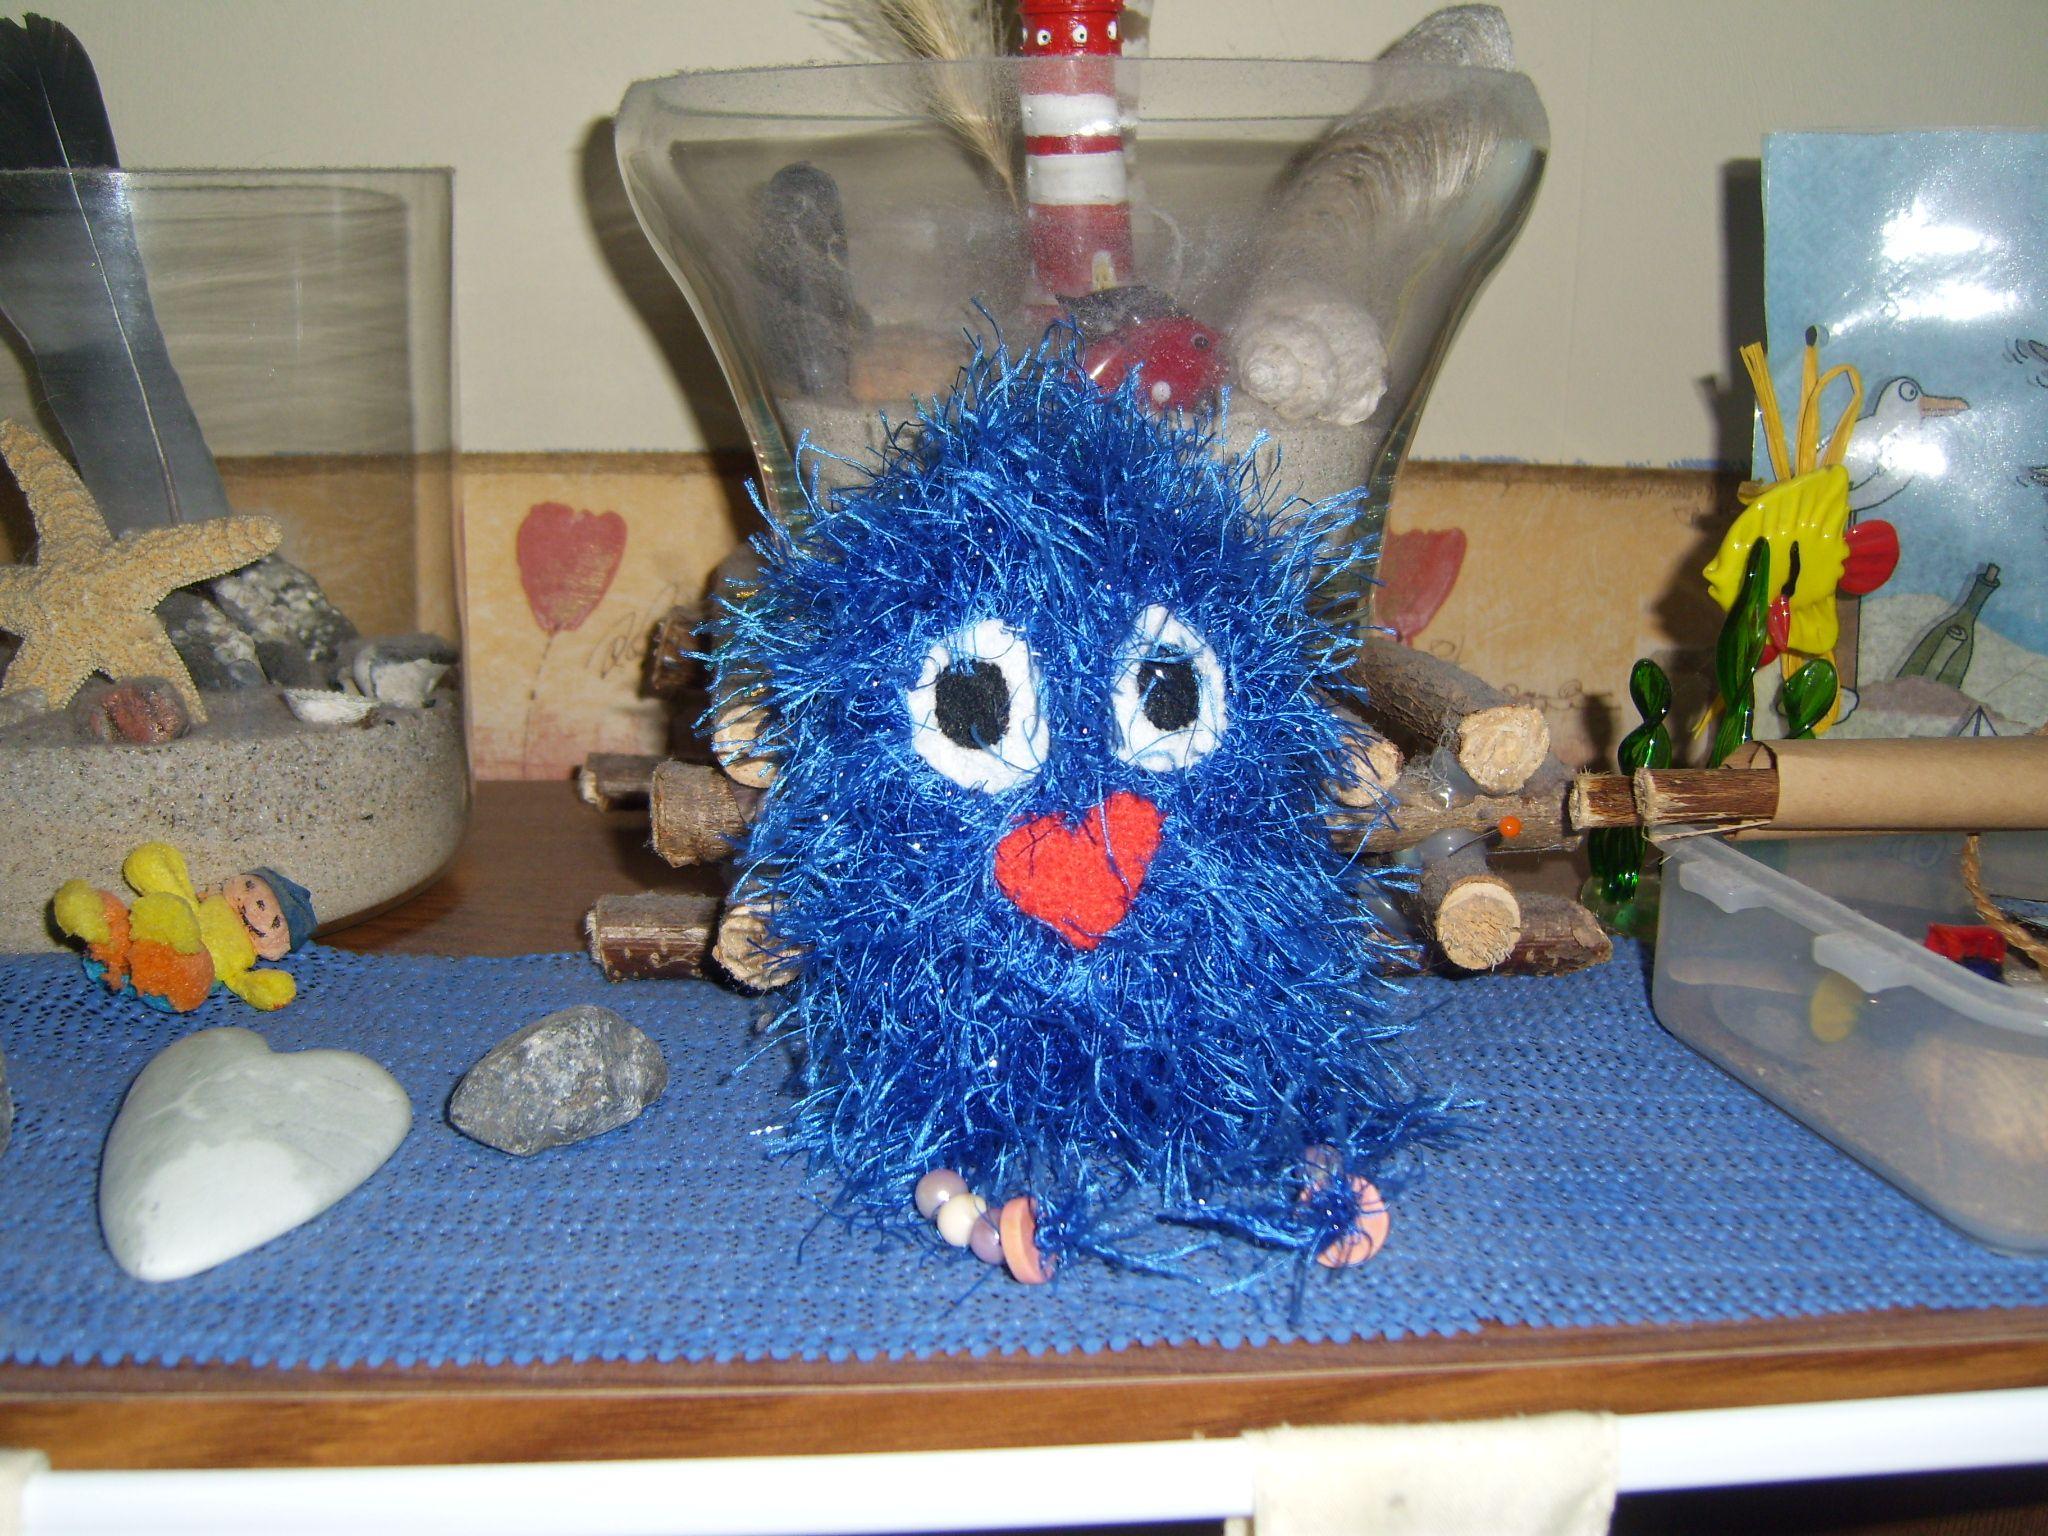 Das ist Blue ,aus blauem Effektgarn gearbeitet